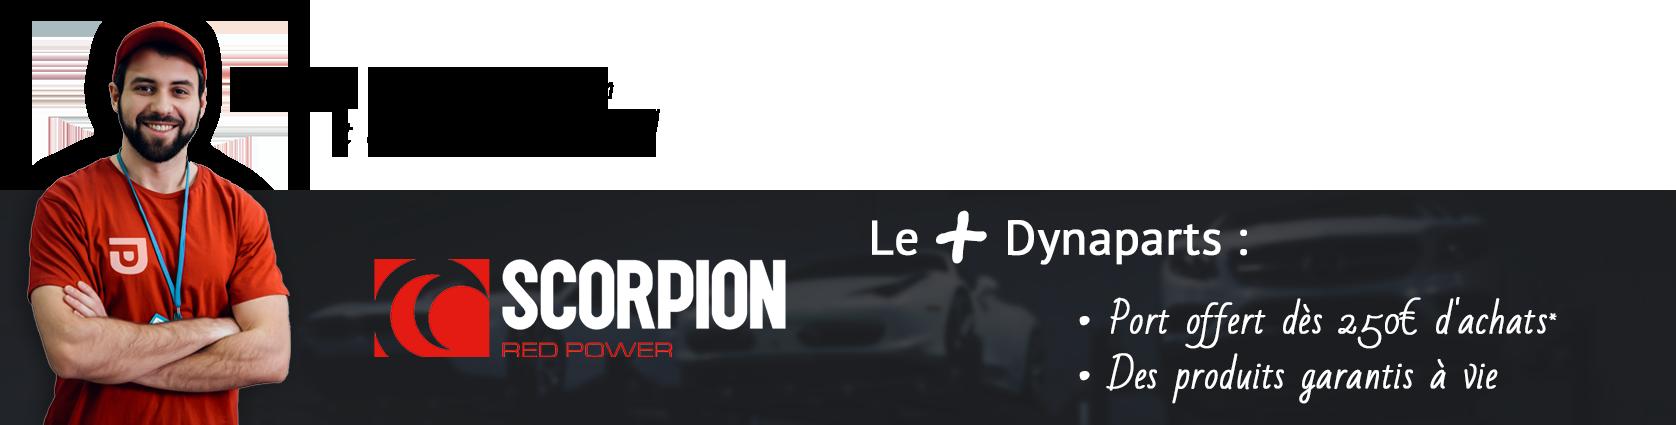 Bannière Scorpion